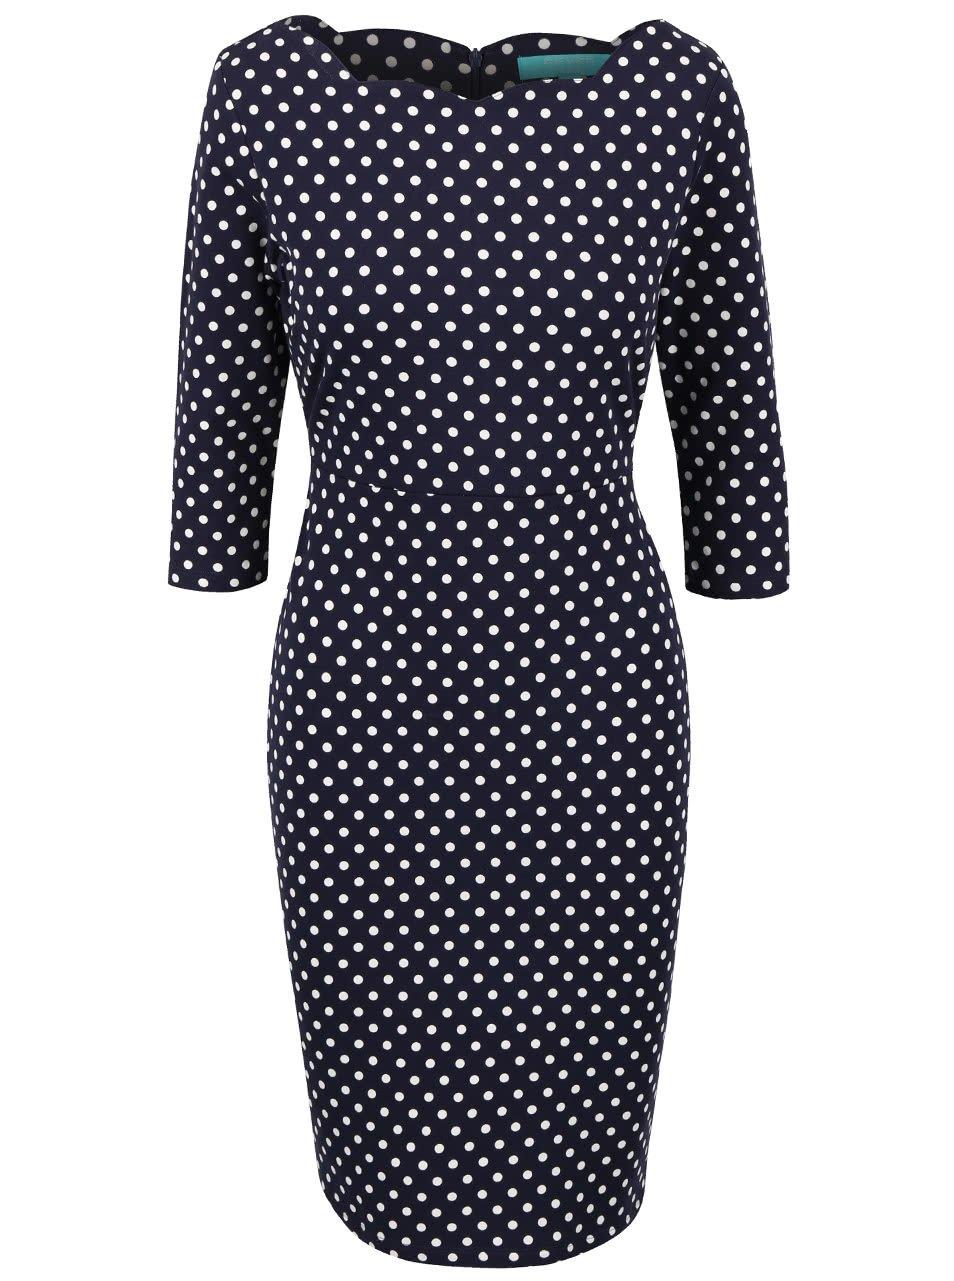 Modré puntíkované šaty s 3/4 rukávy Fever London Millie